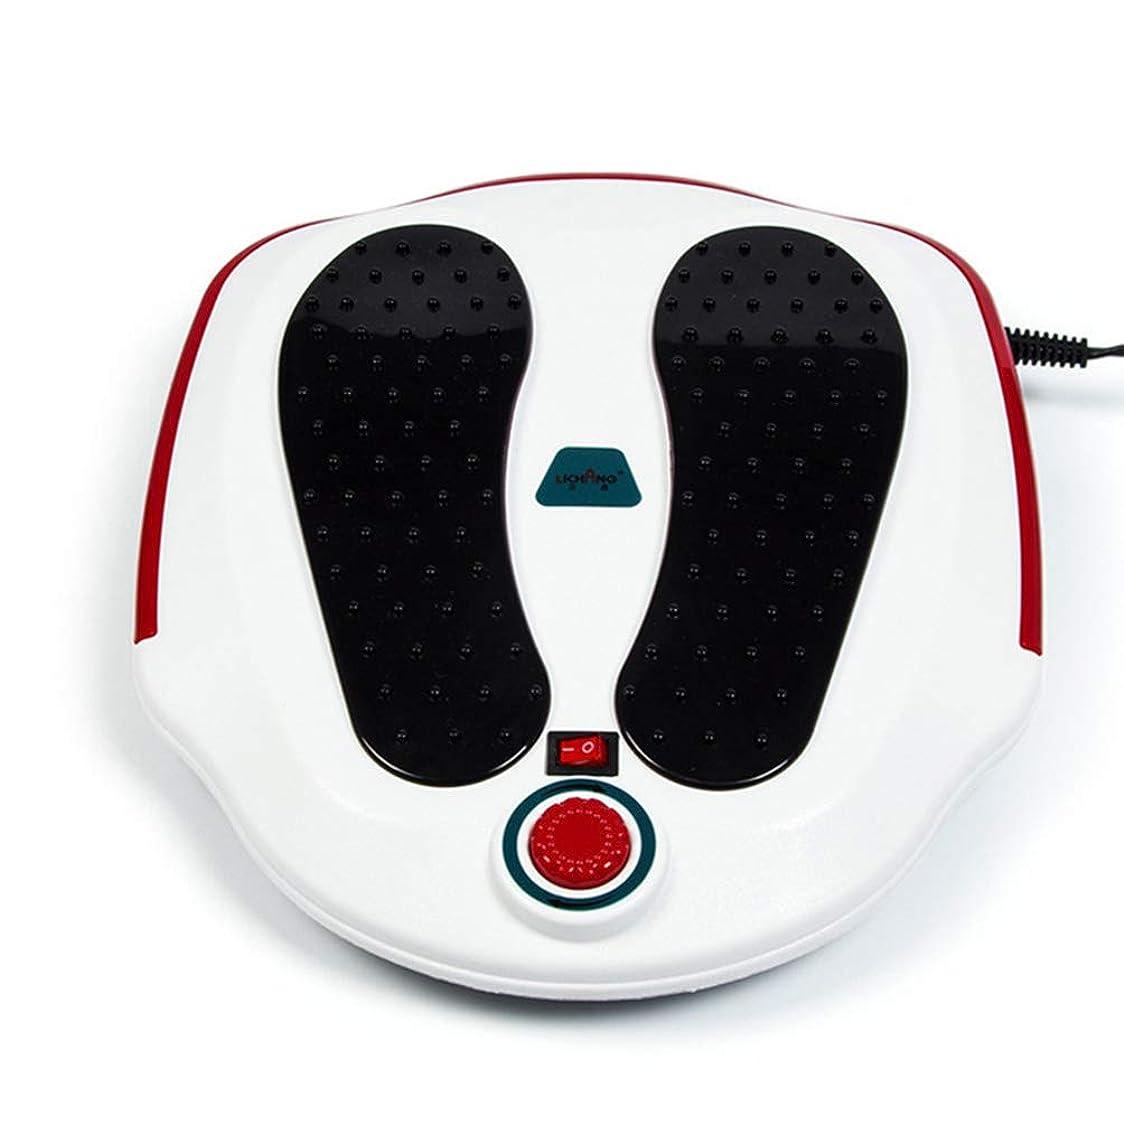 車煙老人フットマッサージャー、フルフットマッサージエクスペリエンス用ABS素材、循環系の改善、硬い筋肉の柔らかさ、痛みの緩和治療。